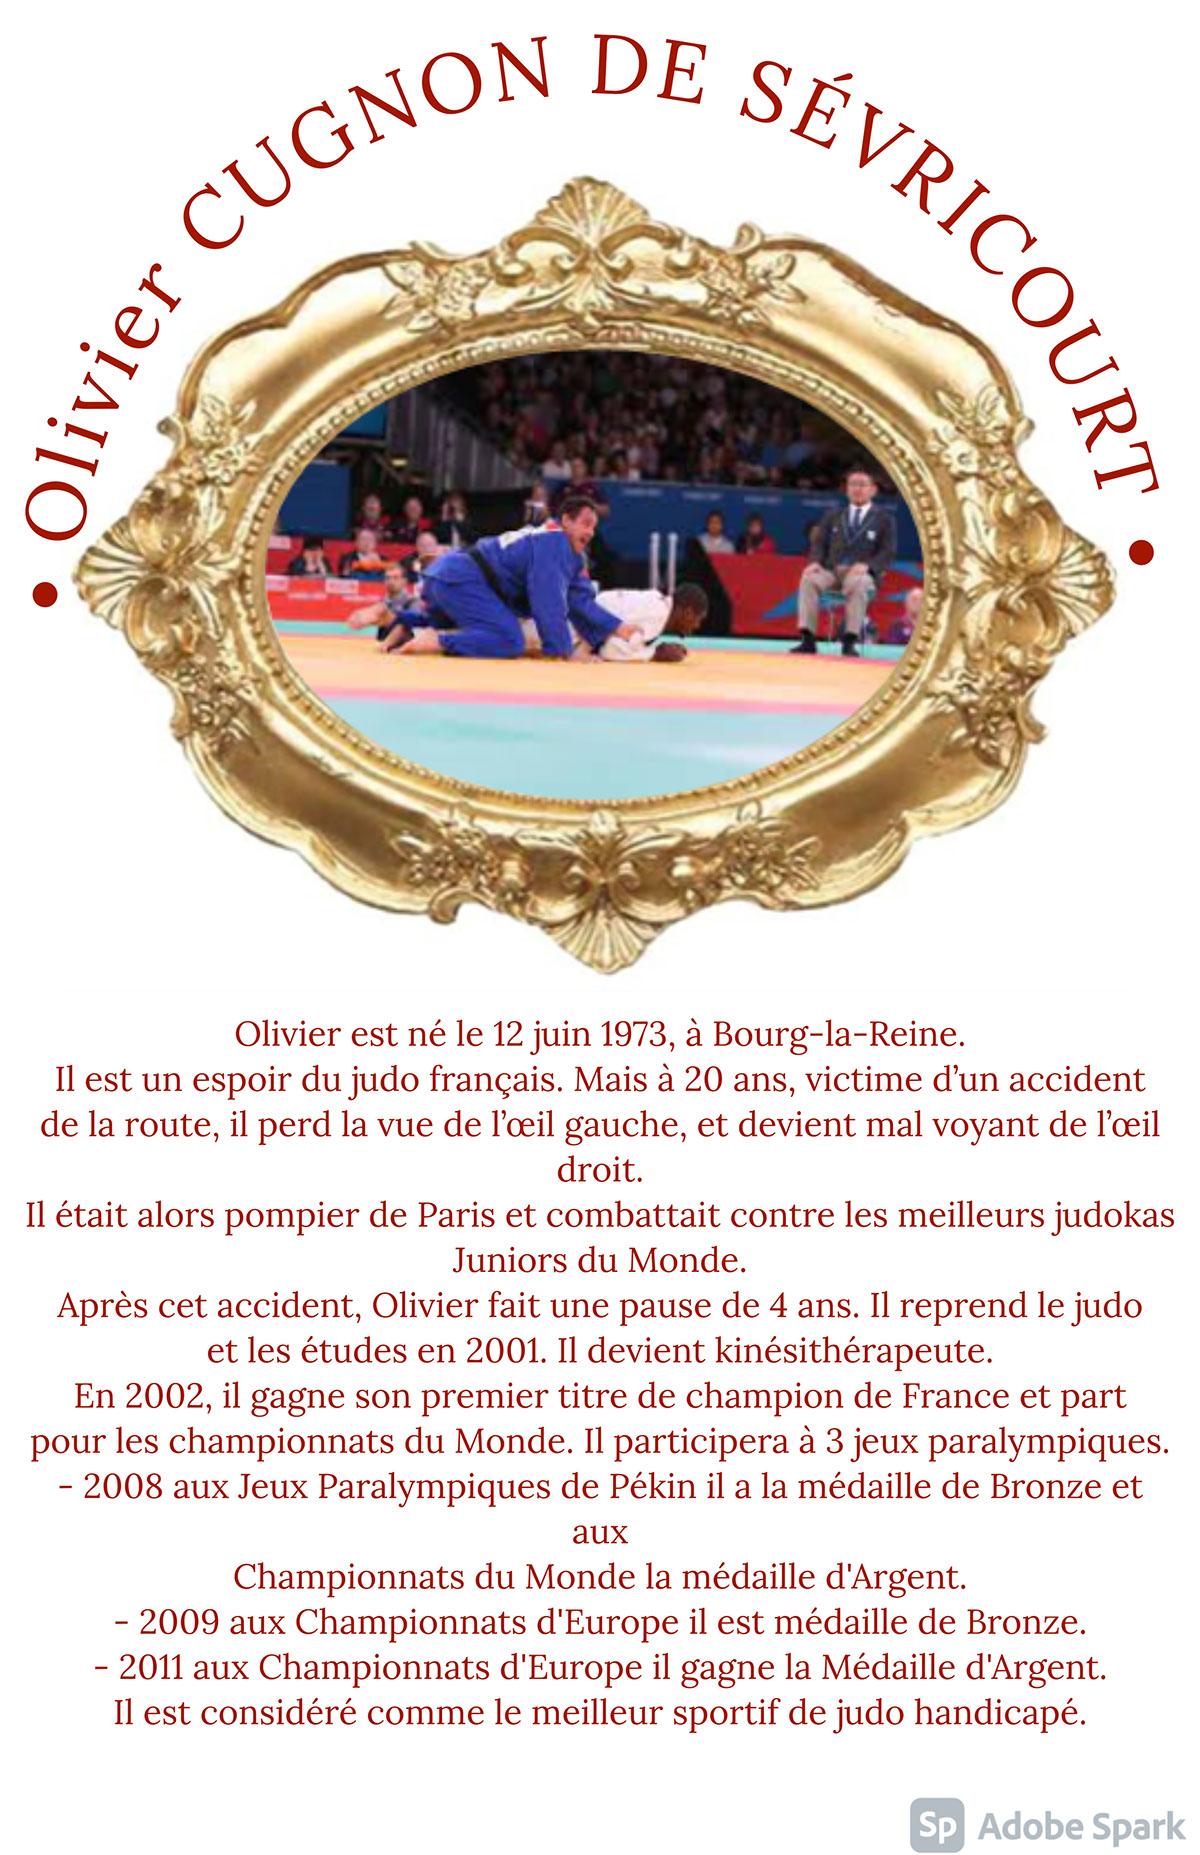 • Olivier CUGNON DE SÉVRICOURT • • Olivier CUGNON DE SÉVRICOURT • Olivier est né le 12 juin 1973, à Bourg-la-Reine. Il est un espoir du judo français. Mais à 20 ans, victime d'un accident de la route, il perd la vue de l'œil gauche, et devient mal voyant de l'œil droit. Il était alors pompier de Paris et combattait contre les meilleurs judokas Juniors du Monde. Après cet accident, Olivier fait une pause de 4 ans. Il reprend le judo et les études en 2001. Il devient kinésithérapeute. En 2002, il gagne son premier titre de champion de France et part pour les championnats du Monde. Il participera à 3 jeux paralympiques. - 2008 aux Jeux Paralympiques de Pékin il a la médaille de Bronze et aux Championnats du Monde la médaille d'Argent. - 2009 aux Championnats d'Europe il est médaille de Bronze. - 2011 aux Championnats d'Europe il gagne la Médaille d'Argent. Il est considéré comme le meilleur sportif de judo handicapé.